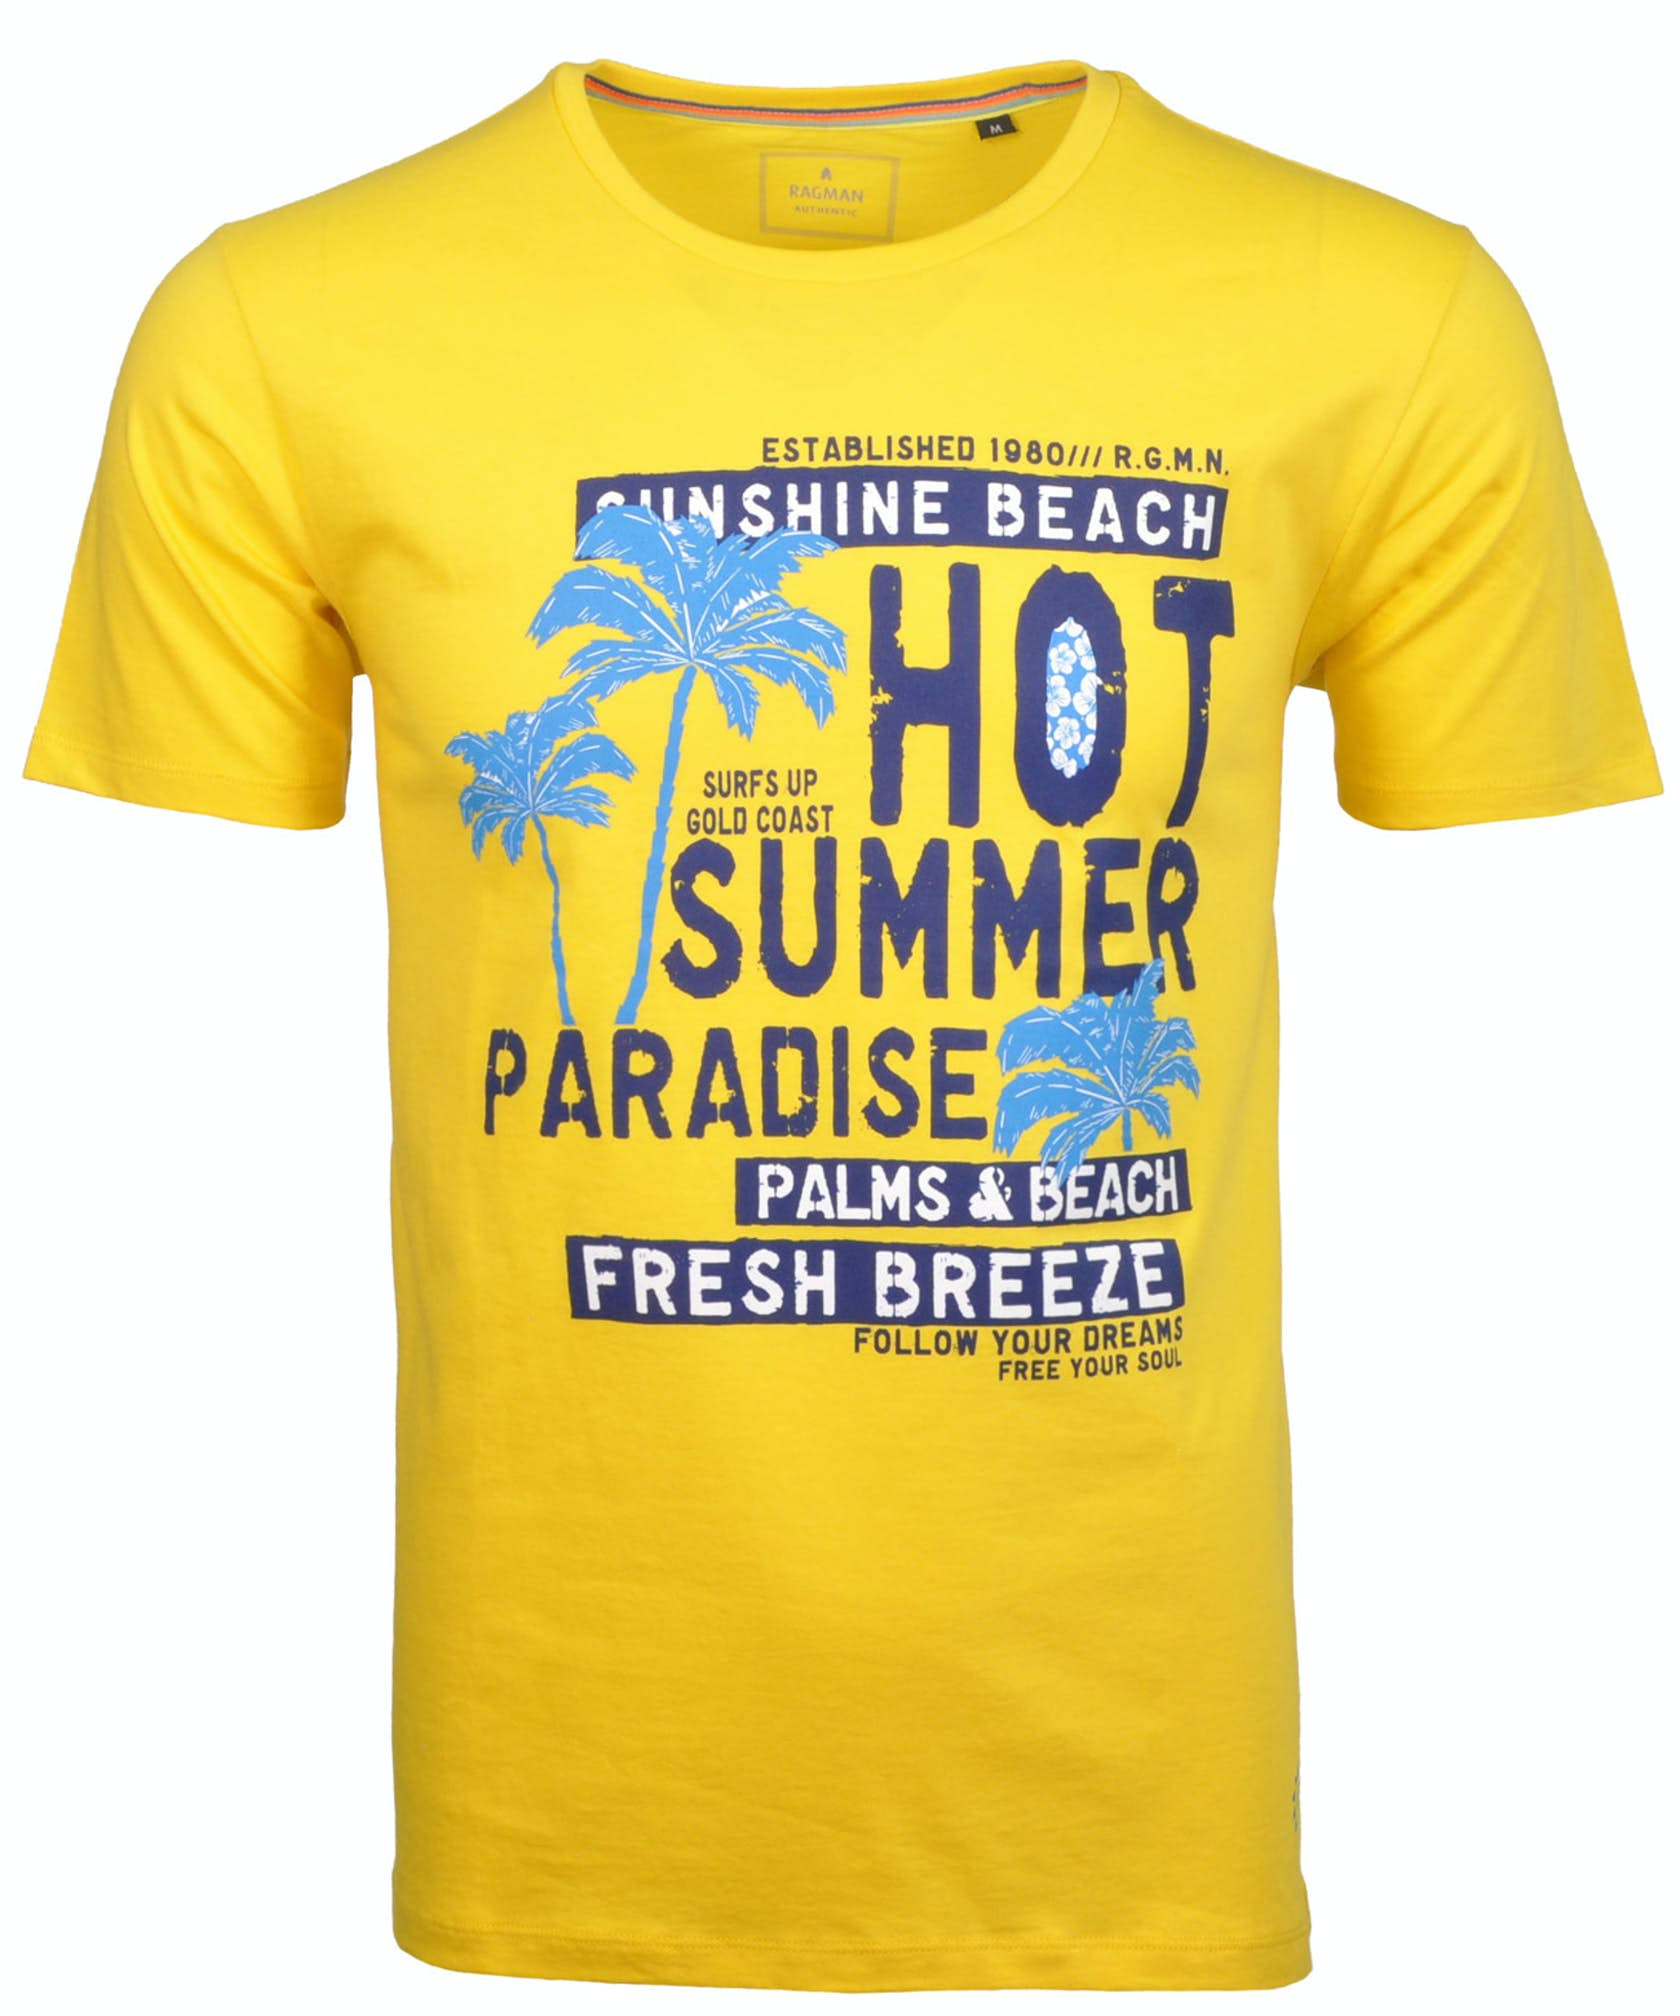 Rundhals-T-Shirt mit Print